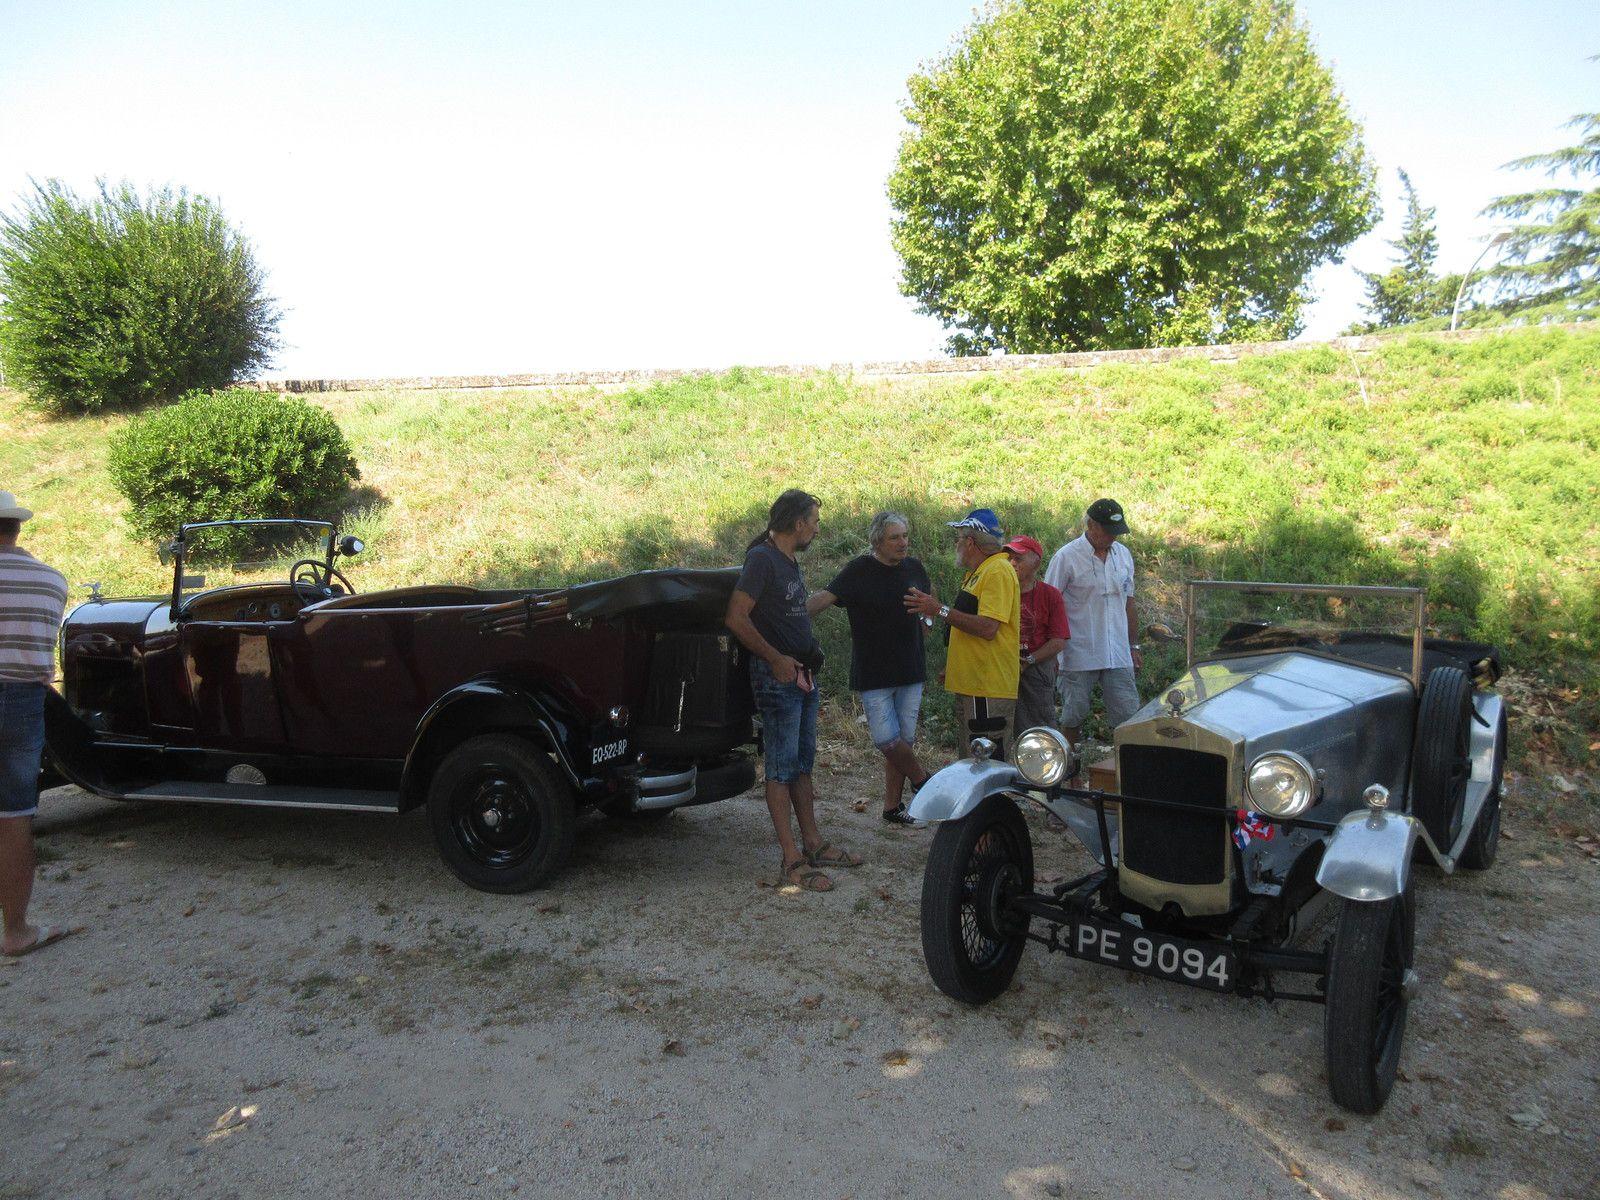 Réunion estivale à Caderousse (Vaucluse) c'était dimanche  9 AOÛT 2020